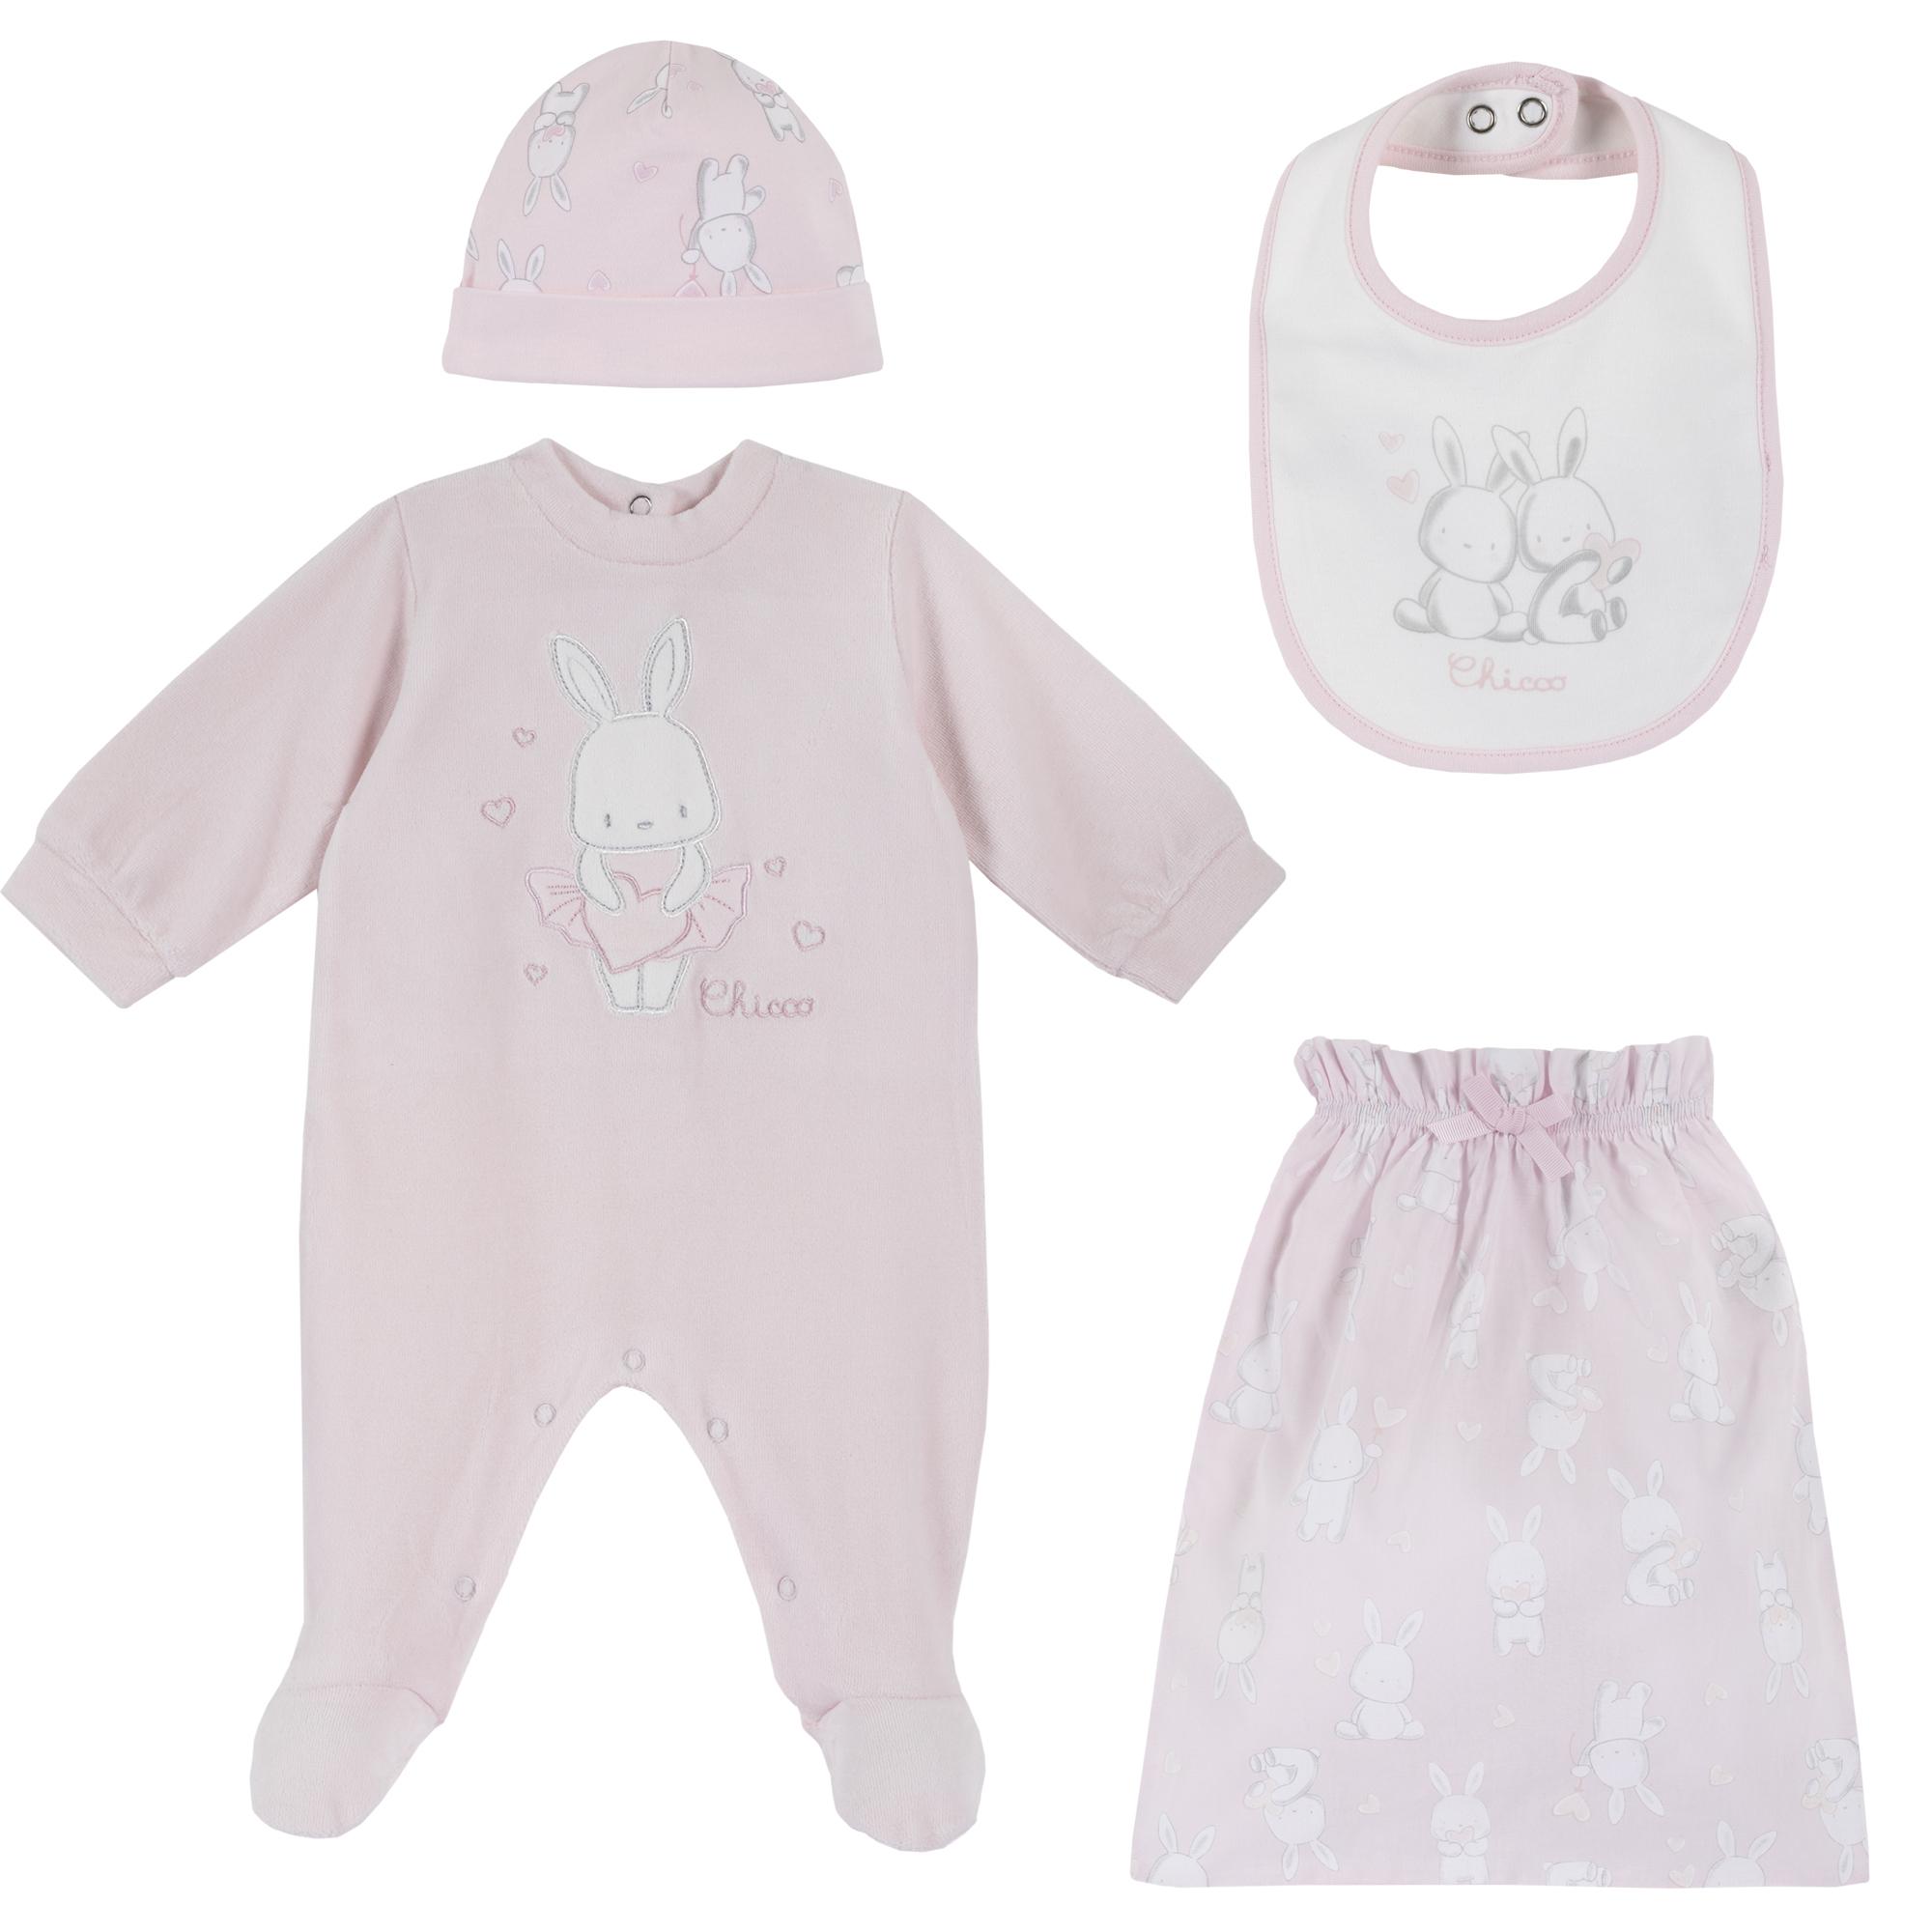 Trusou copii Chicco, salopeta + baveta + caciula, roz, 77966